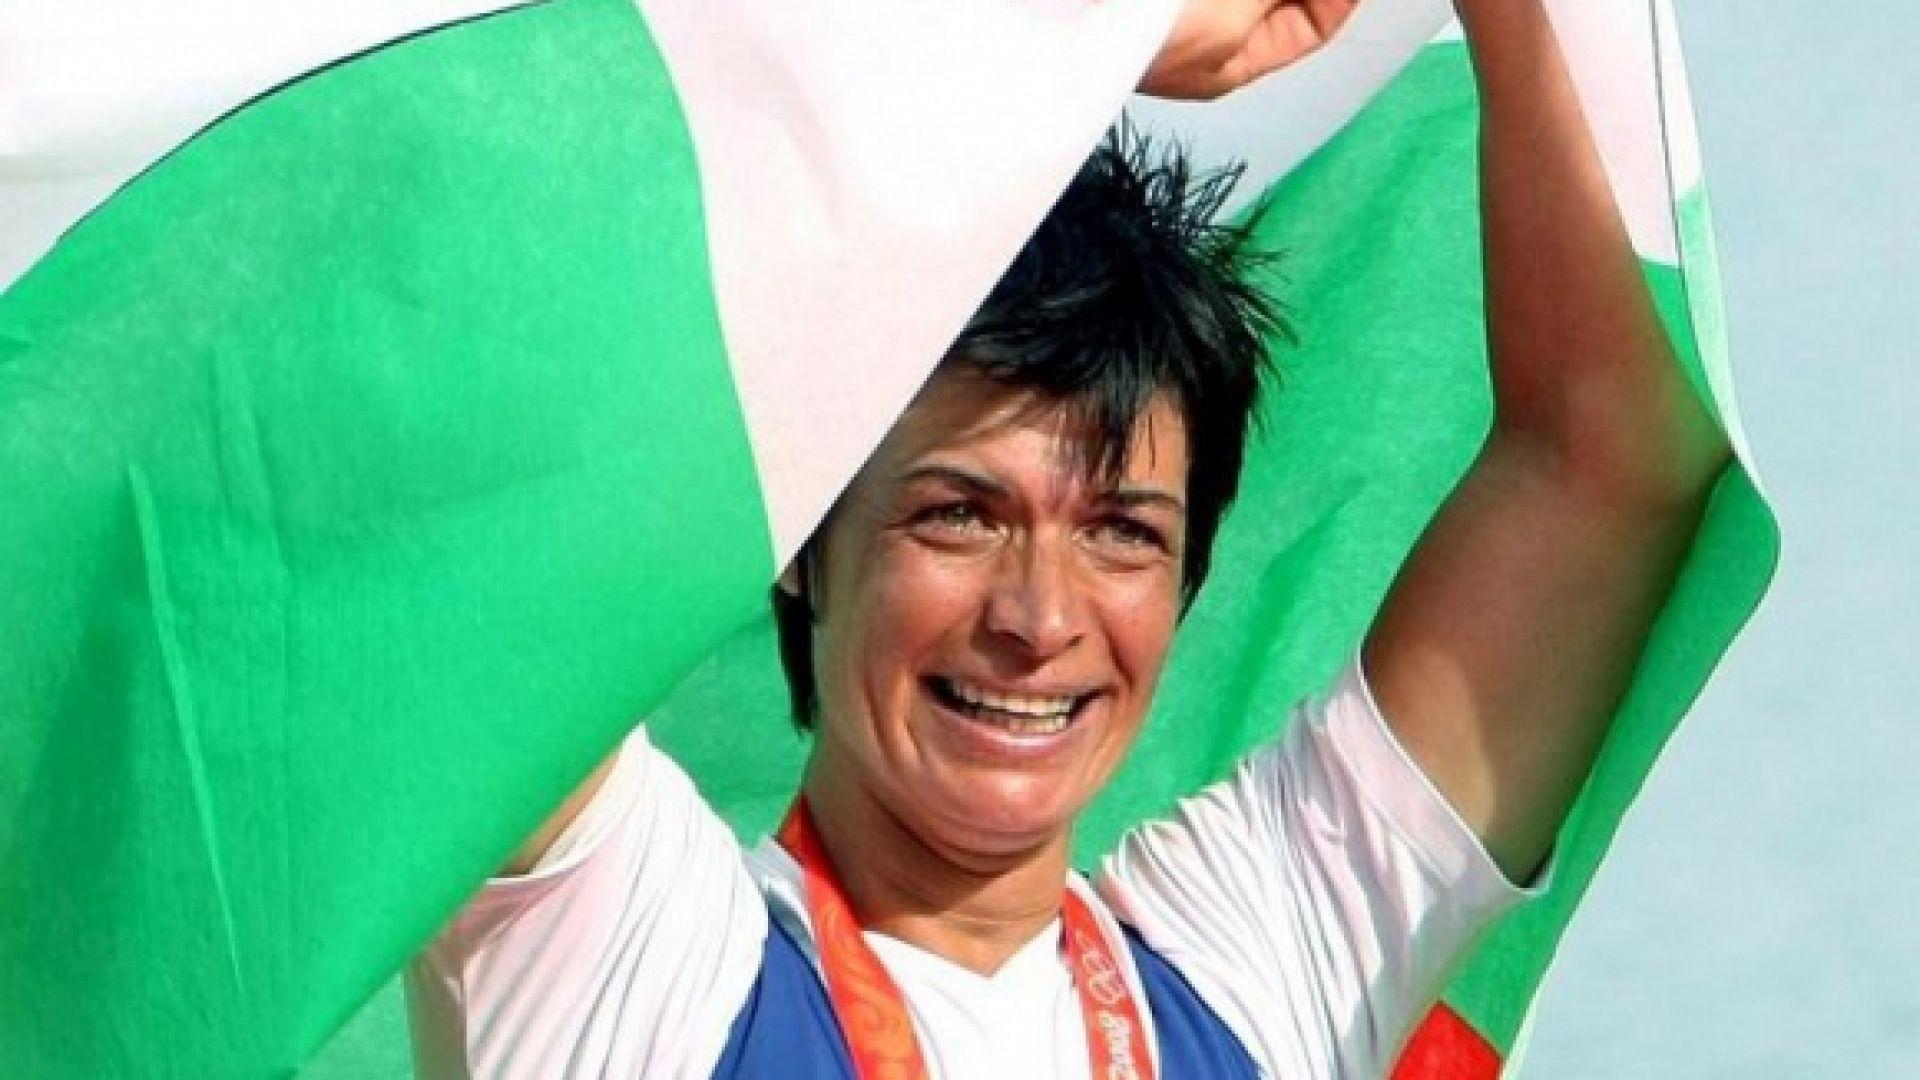 Румяна Нейкова: Мислих, че никога няма да стана олимпийски шампион